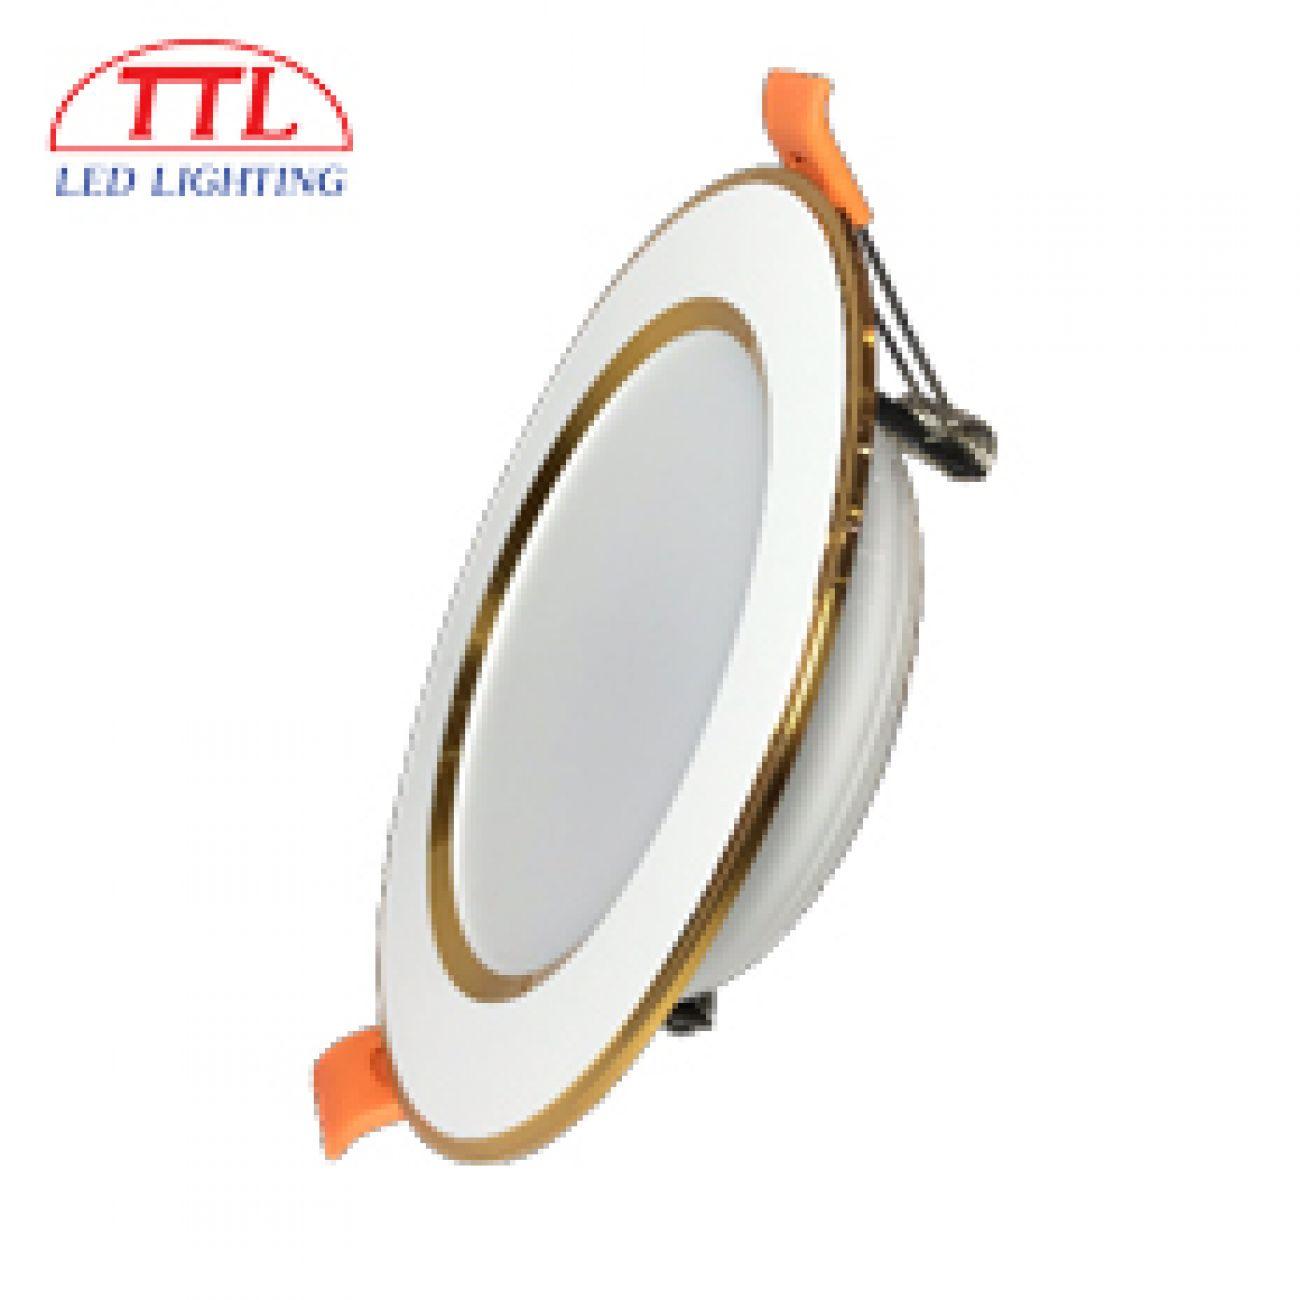 Làm thế nào nhận biết bóng đèn LED chính hãng chất lượng và kém chất lượng.